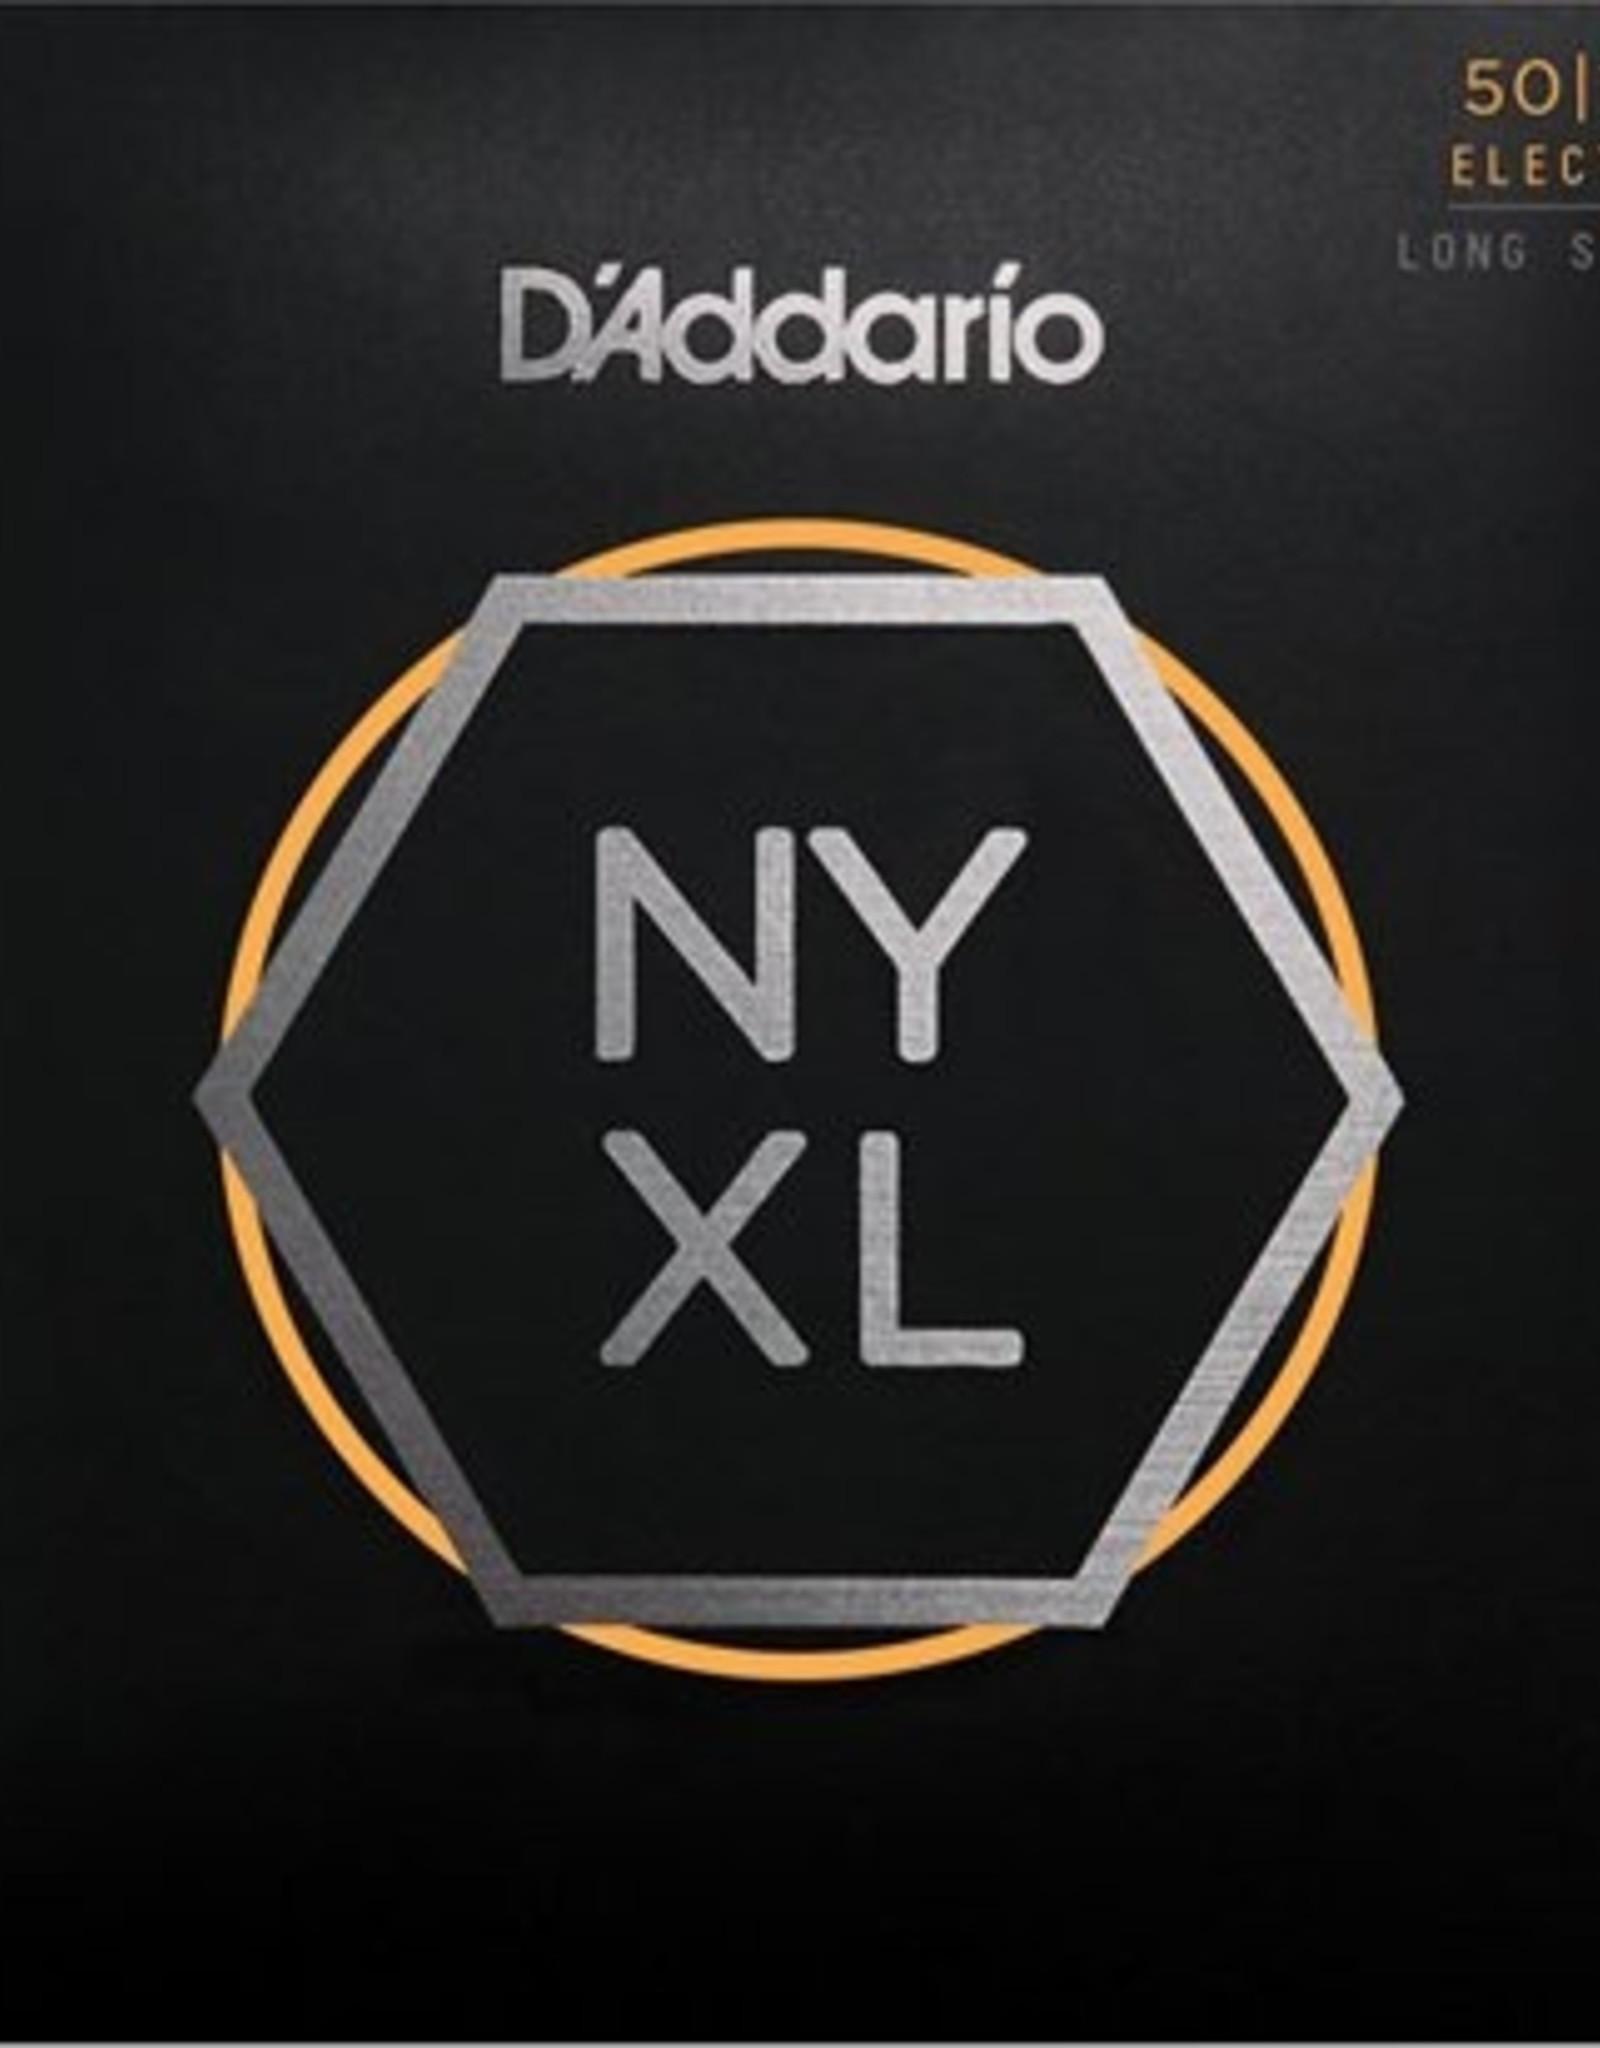 D'Addario D'Addario NYXL 50-105 Nickle Long Scale Bass Strings